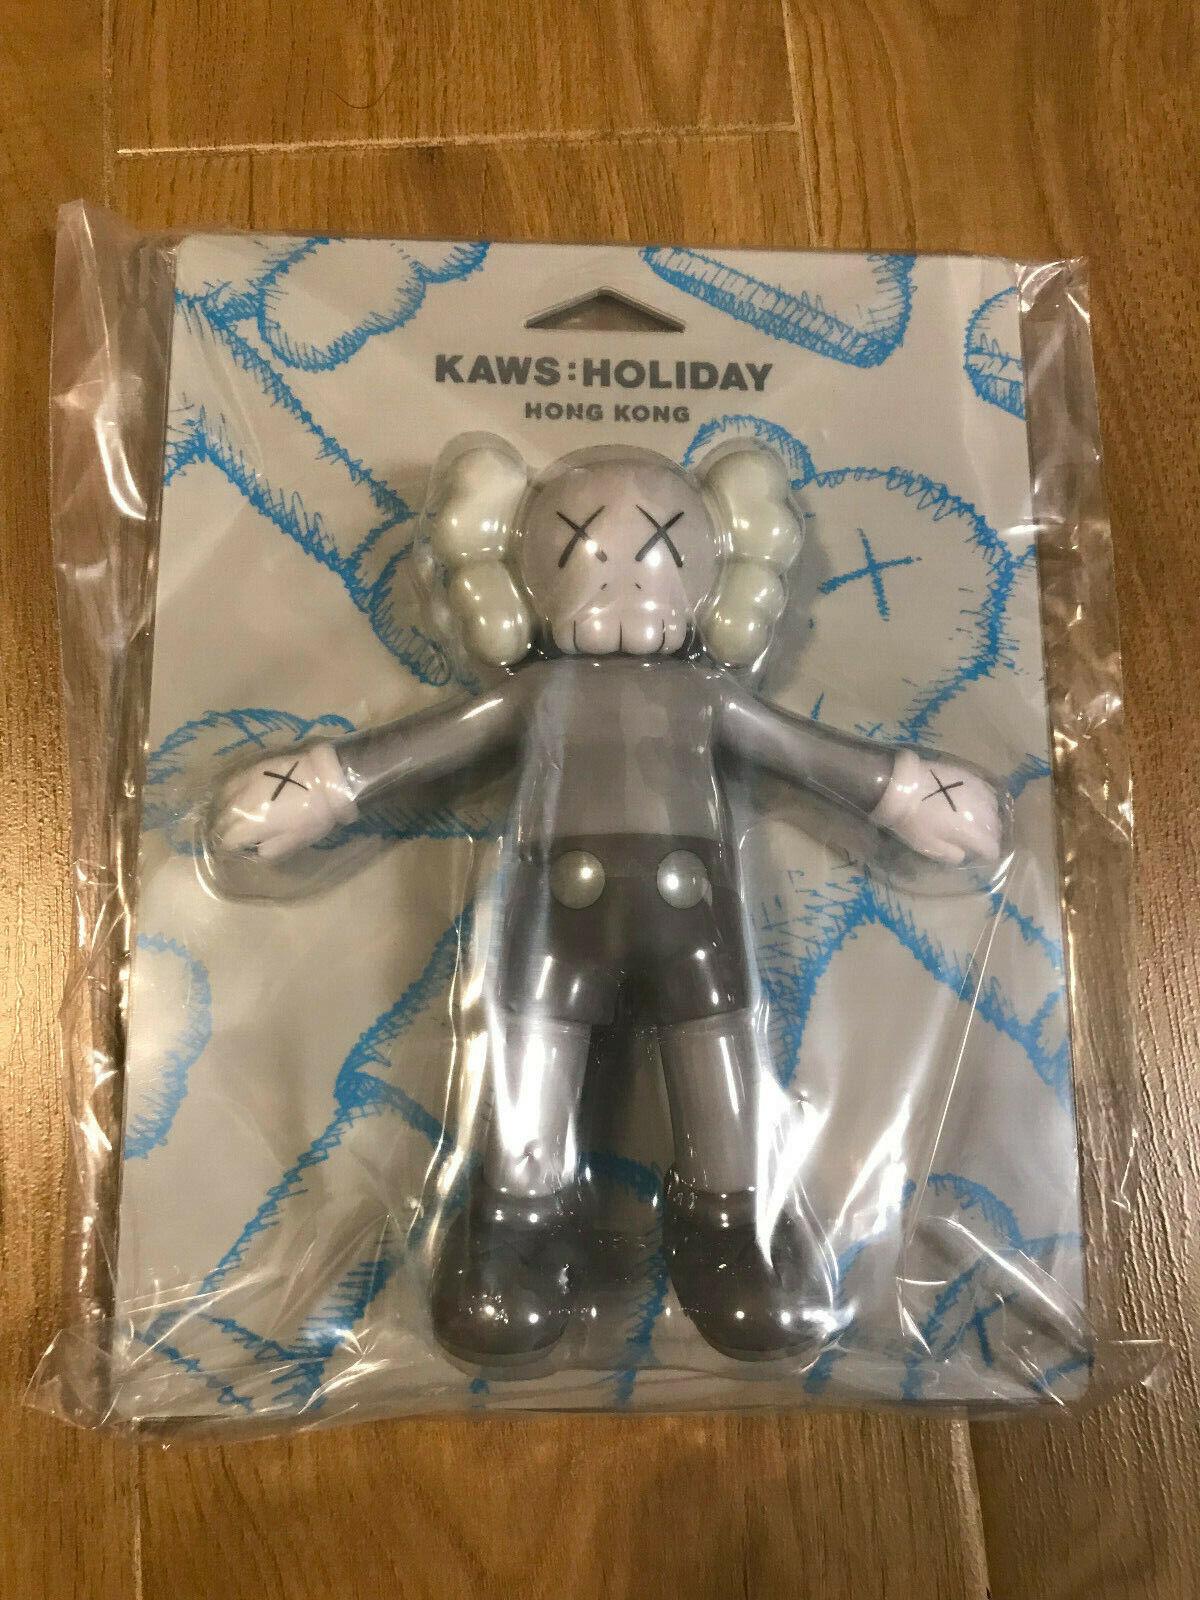 NEW  2019 Kaws  Holiday Hong Kong hk 8.5  inch Bath Toy Figure Grey Version